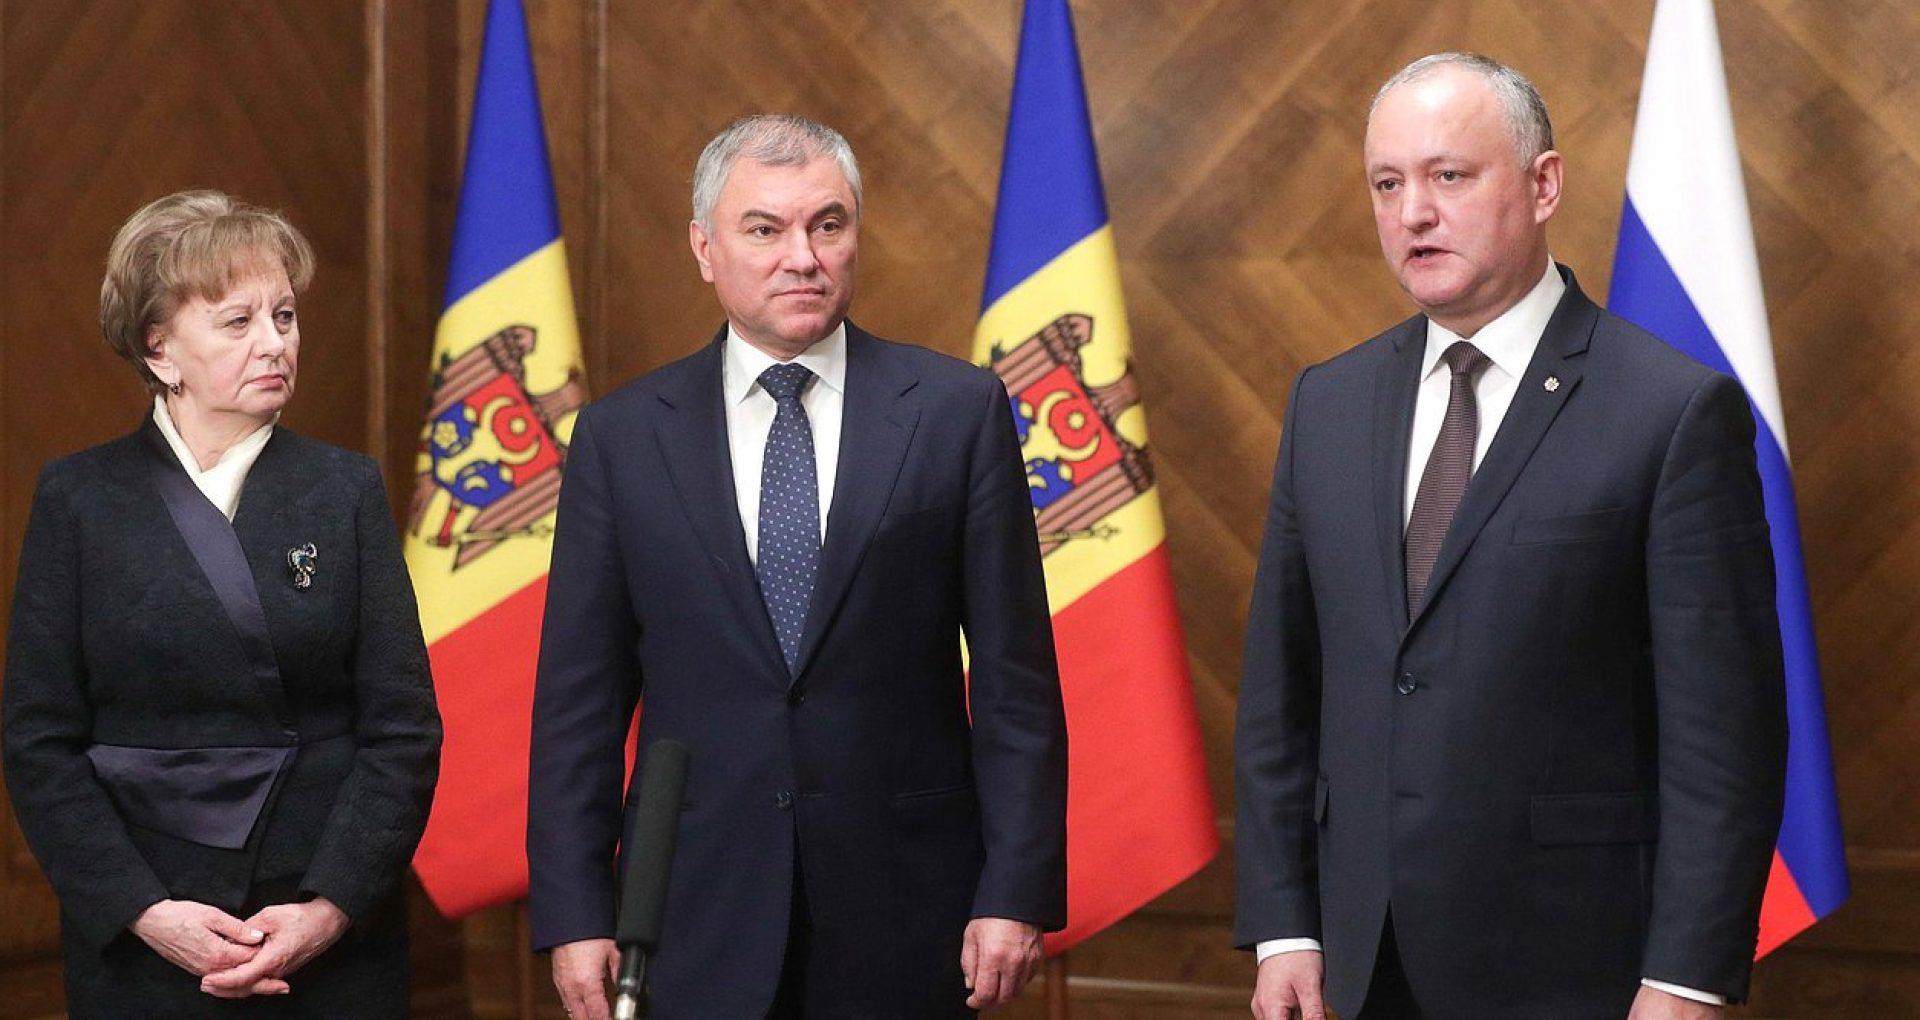 Igor Dodon le-a spus rușilor că odată cu alegerea Maiei Sandu în funcția de președintă, situația din R. Moldova se va agrava